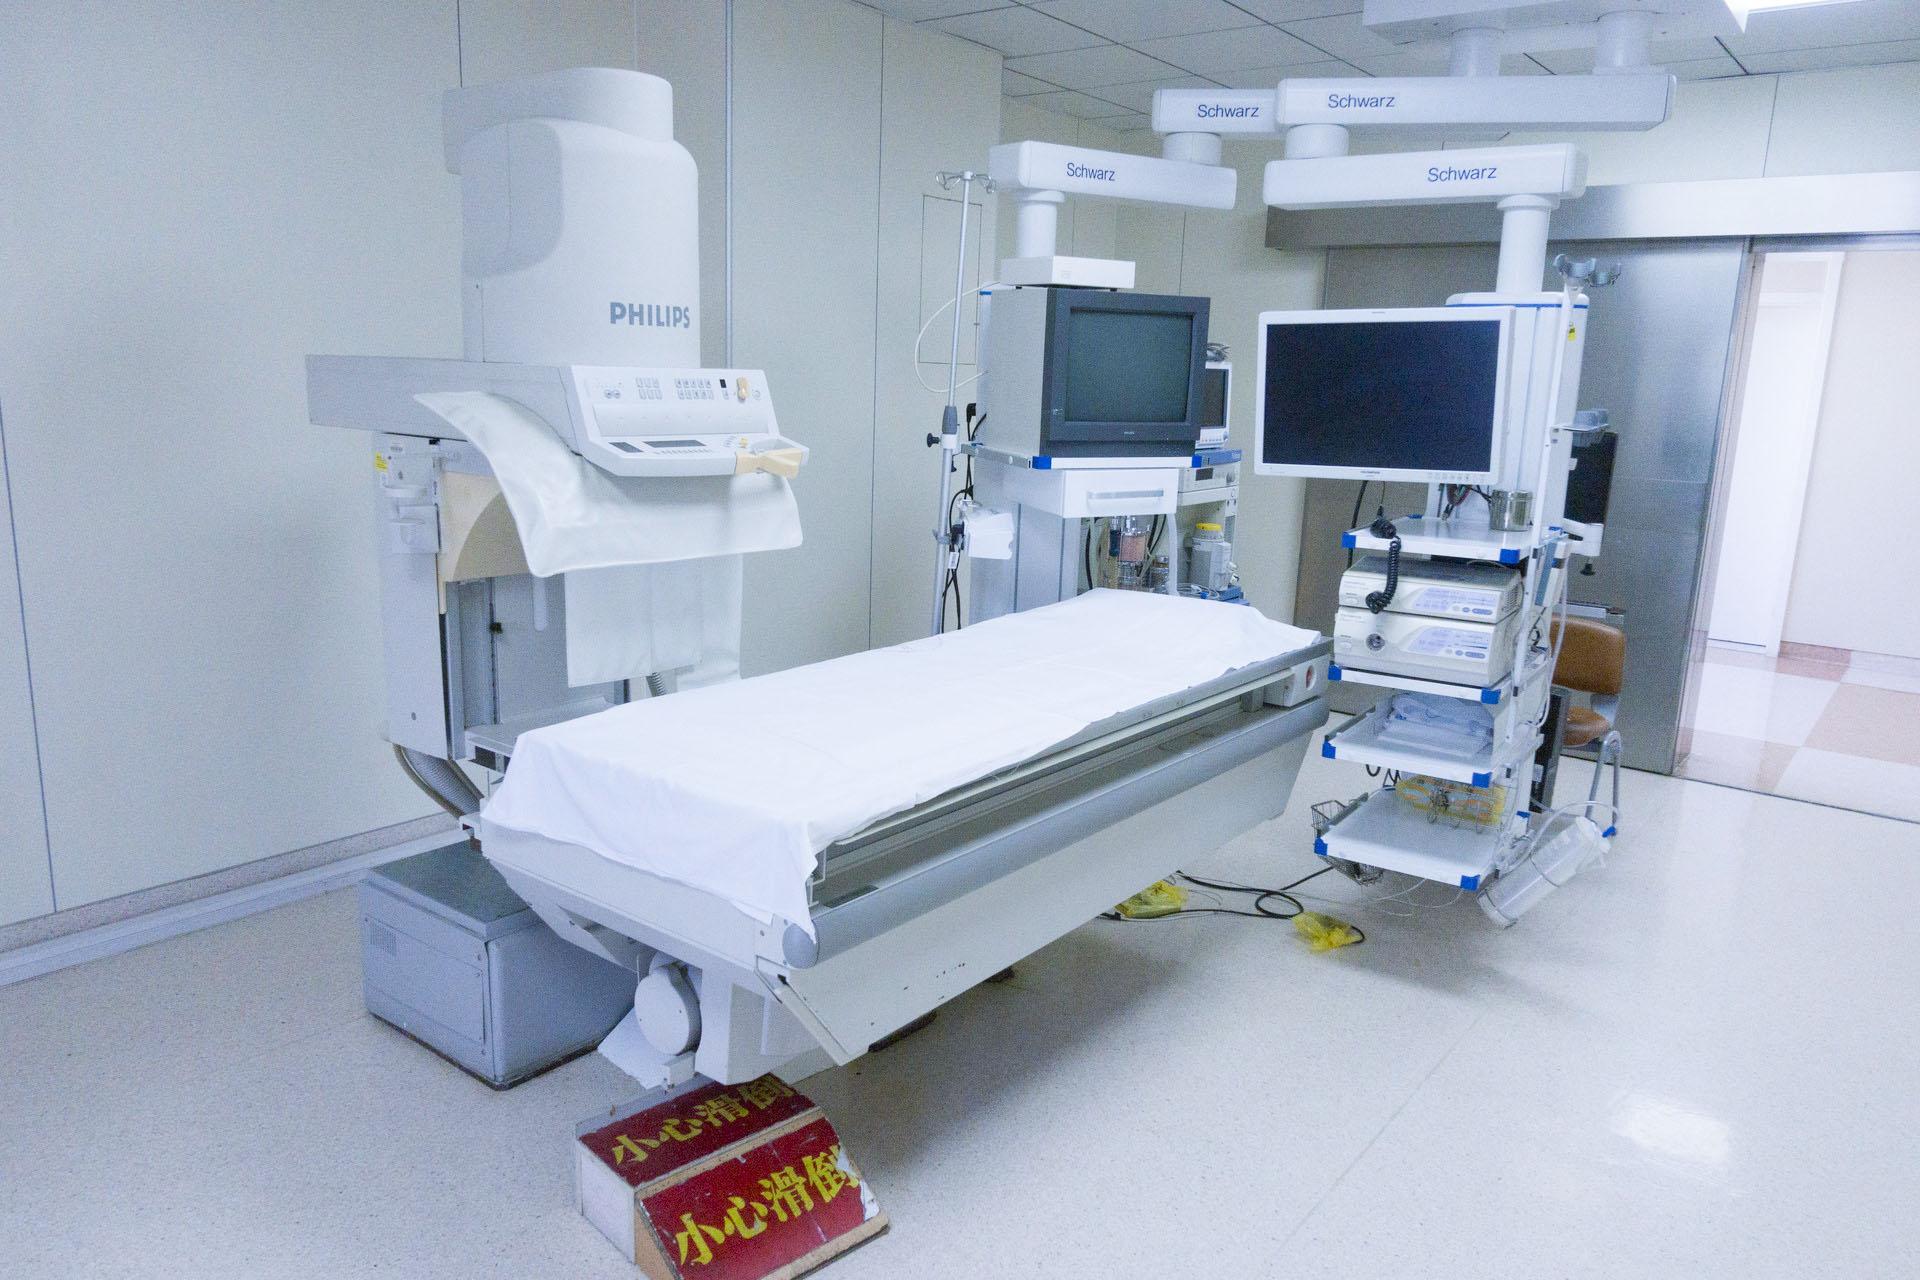 医疗器械的安全至关重要